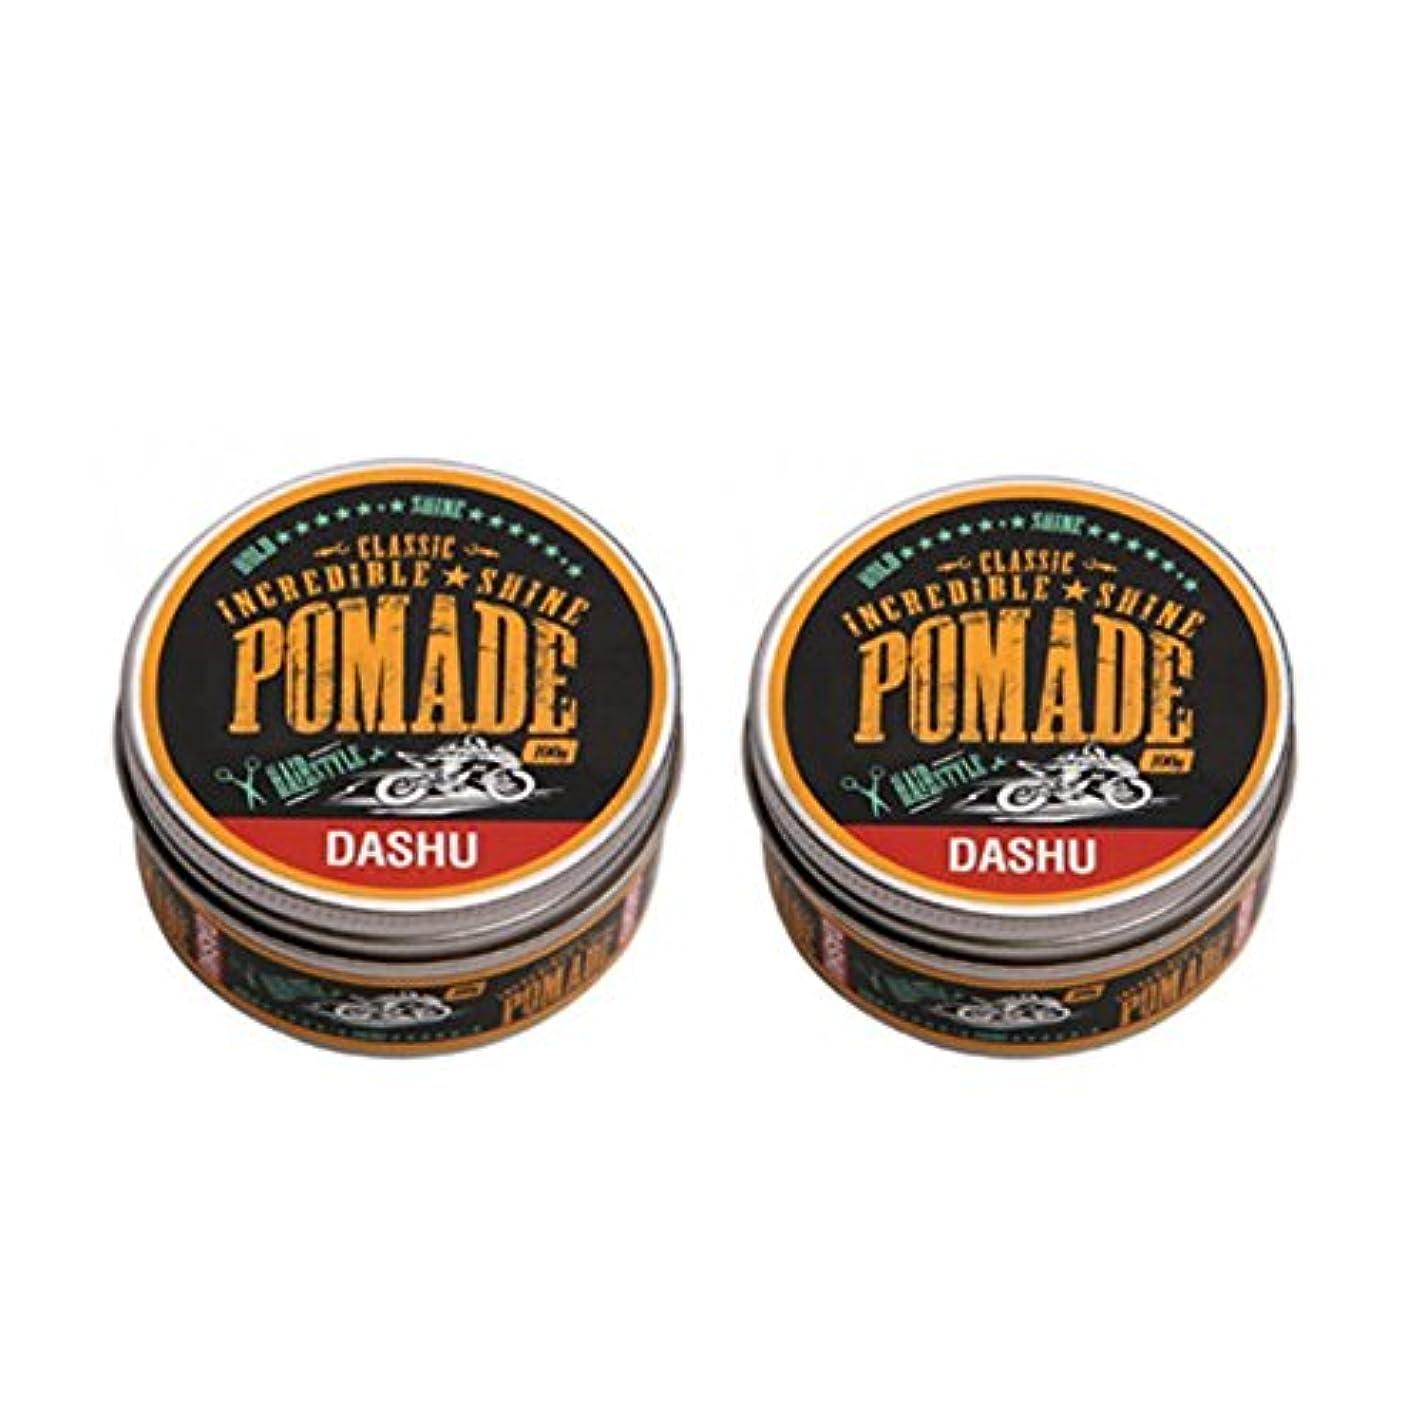 残り物誇りに思うワックス(2個セット) x [DASHU] ダシュ クラシック 信じられないほどの輝き ポマードワックス Classic Incredible Shine Pomade Hair Wax 100ml / 韓国製 . 韓国直送品